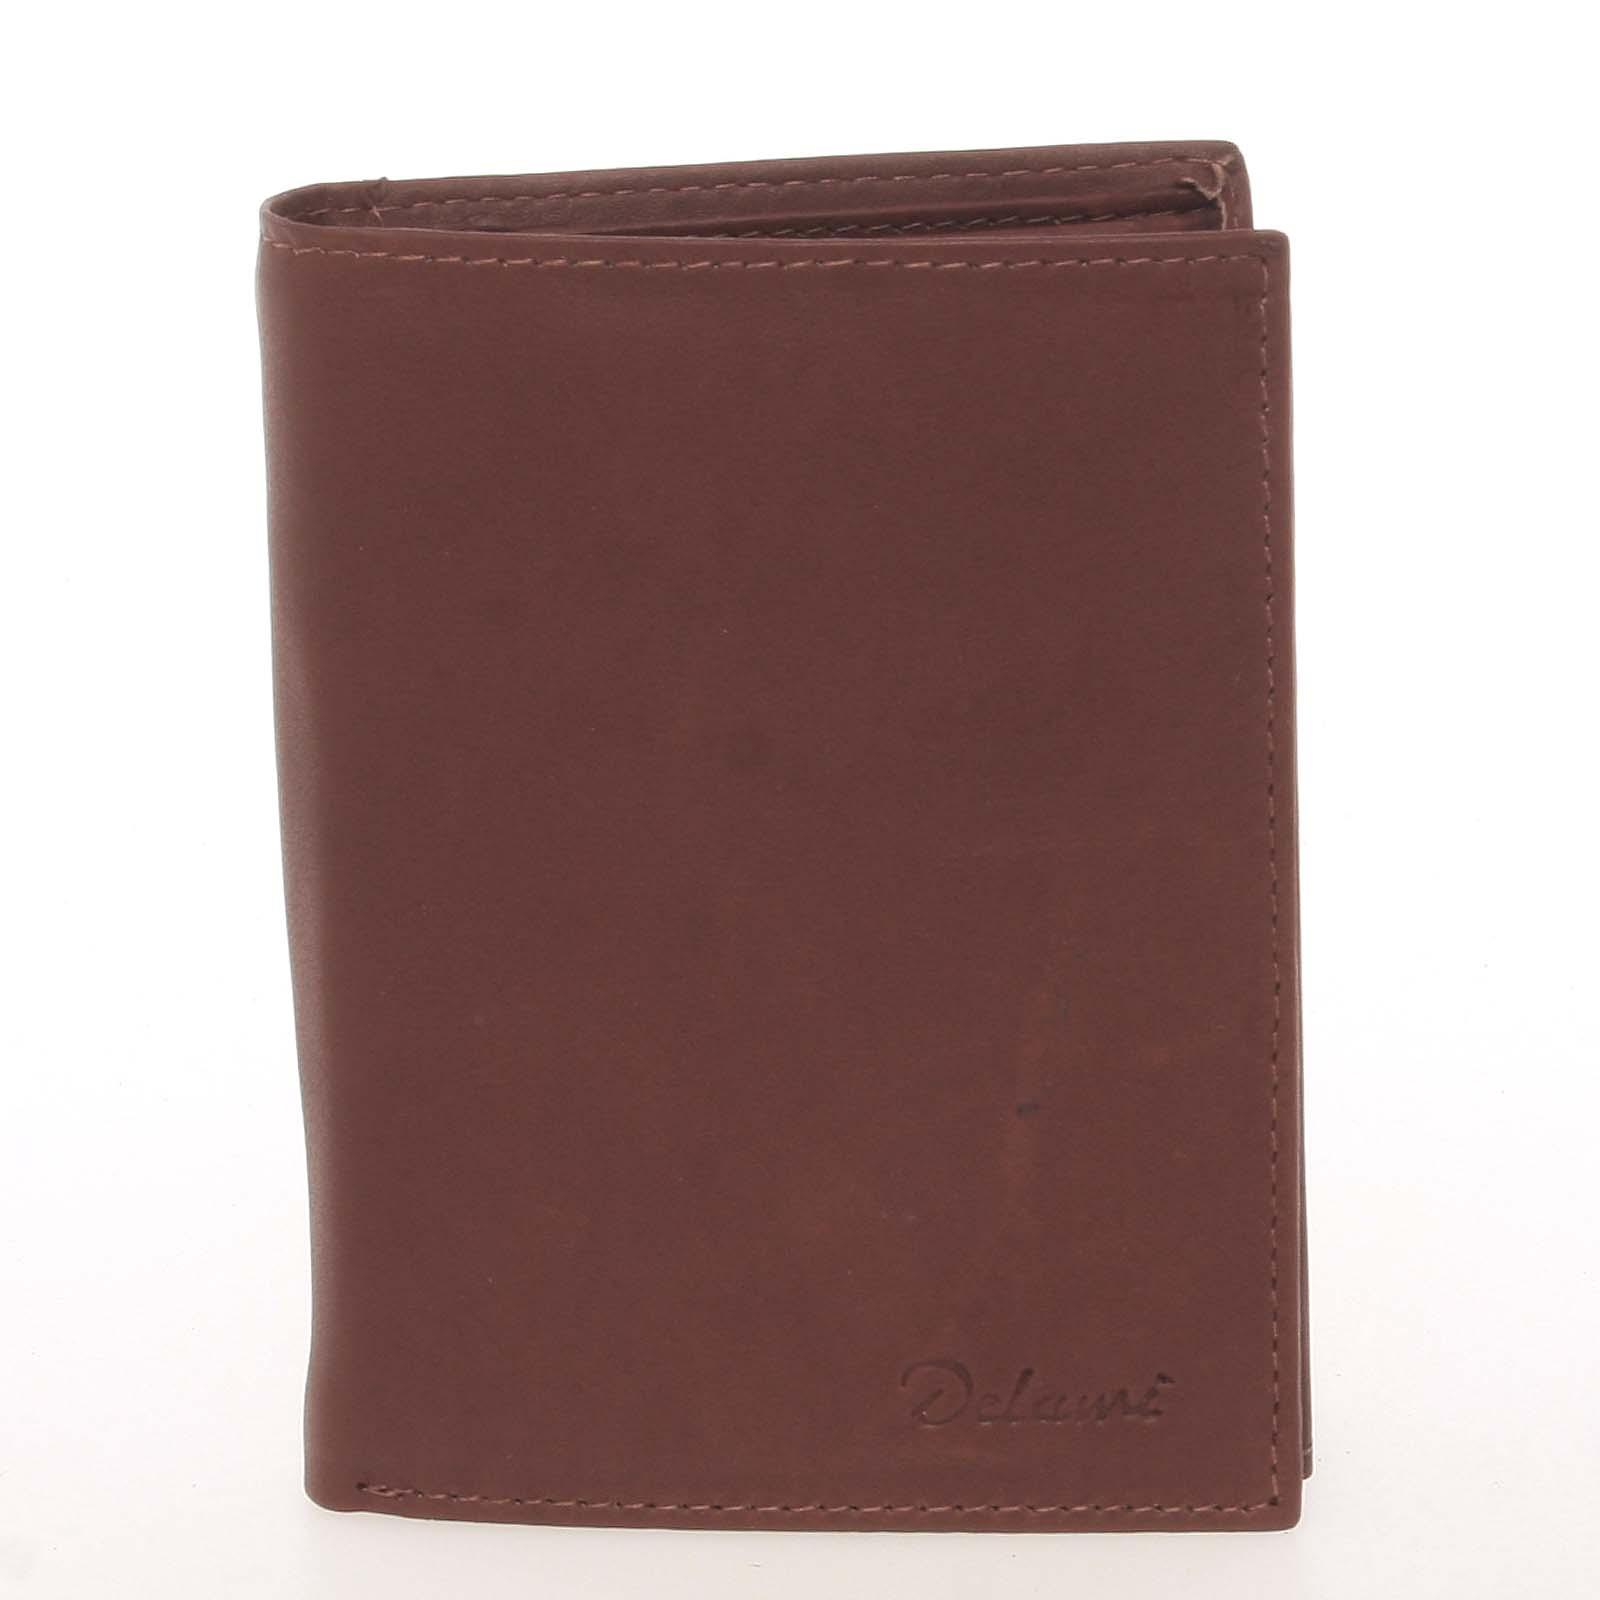 Pánská kožená hnědá peněženka - Delami Therron